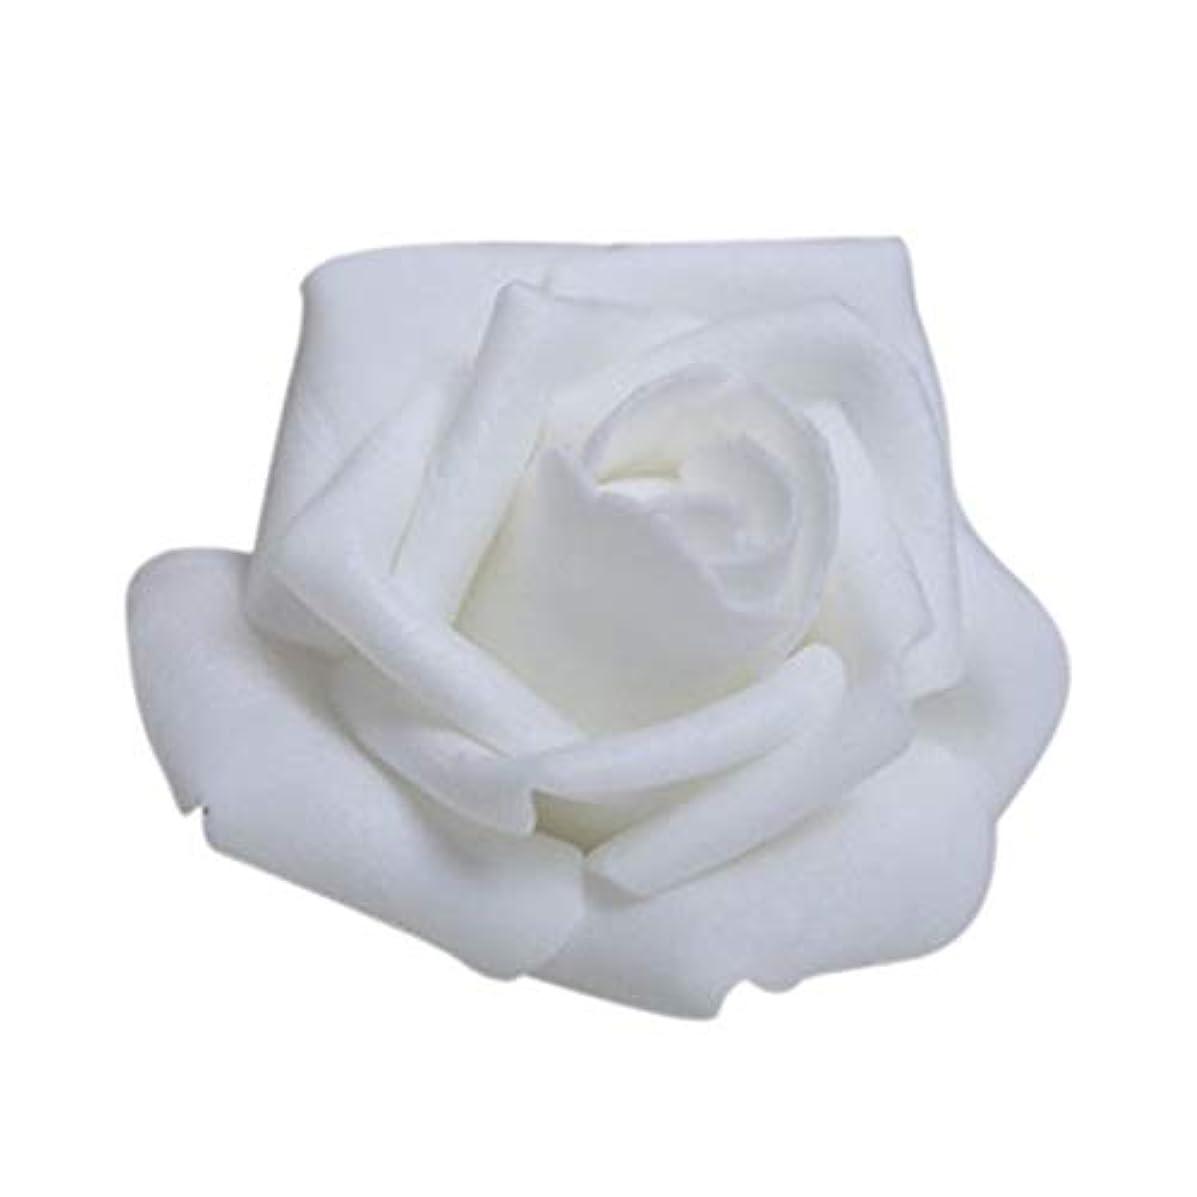 飢無人品種人工観葉植物、ンテリア飾り、植物装飾 ウェディングパーティーの装飾造花のDIYのクラフトホワイトブティック100PCS泡ローズ花芽